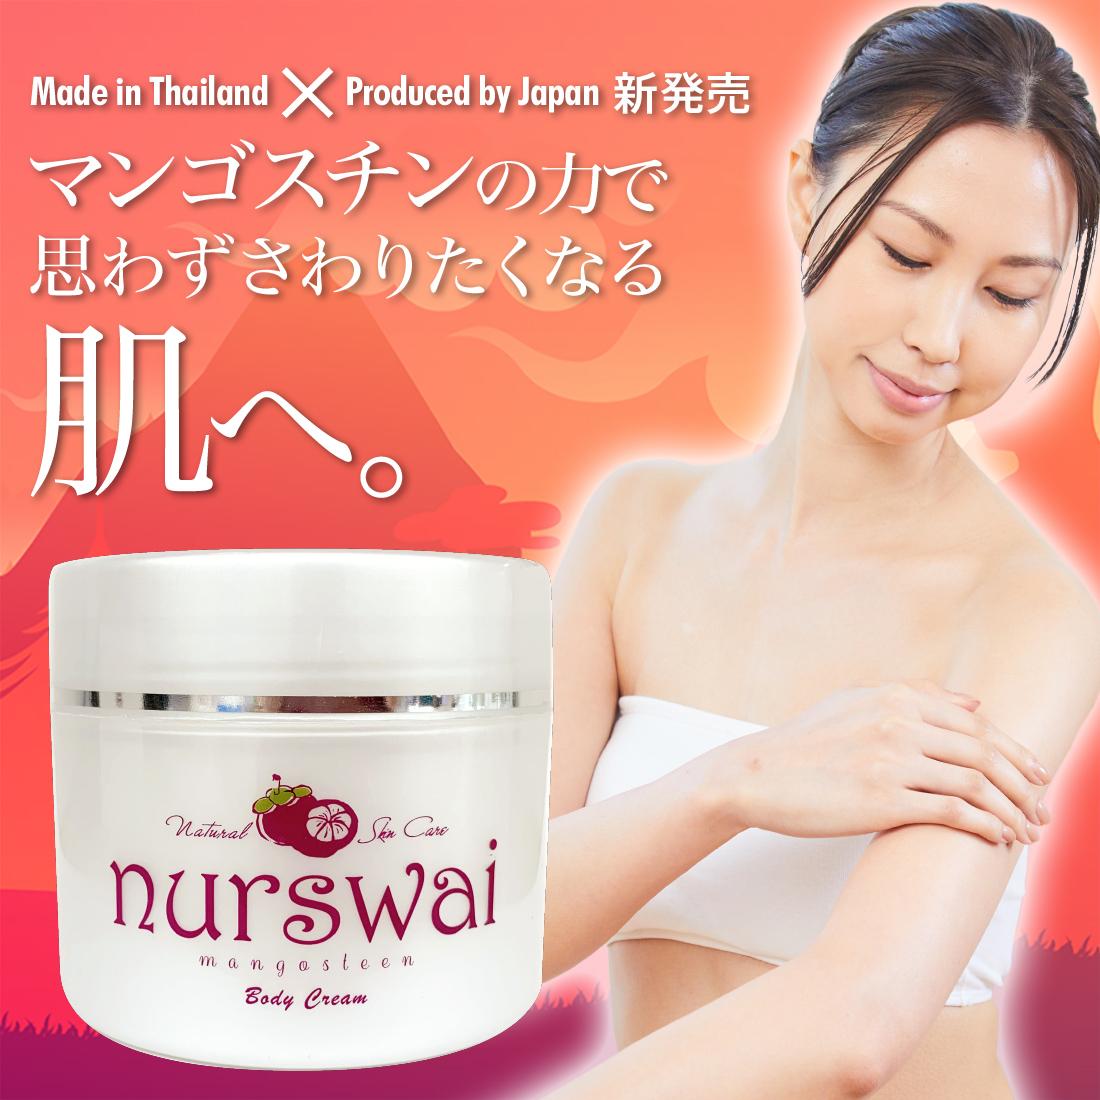 nurswai (ナースワイ) マンゴスチンの力でしっとり潤い、思わず触りたくなる肌へ。